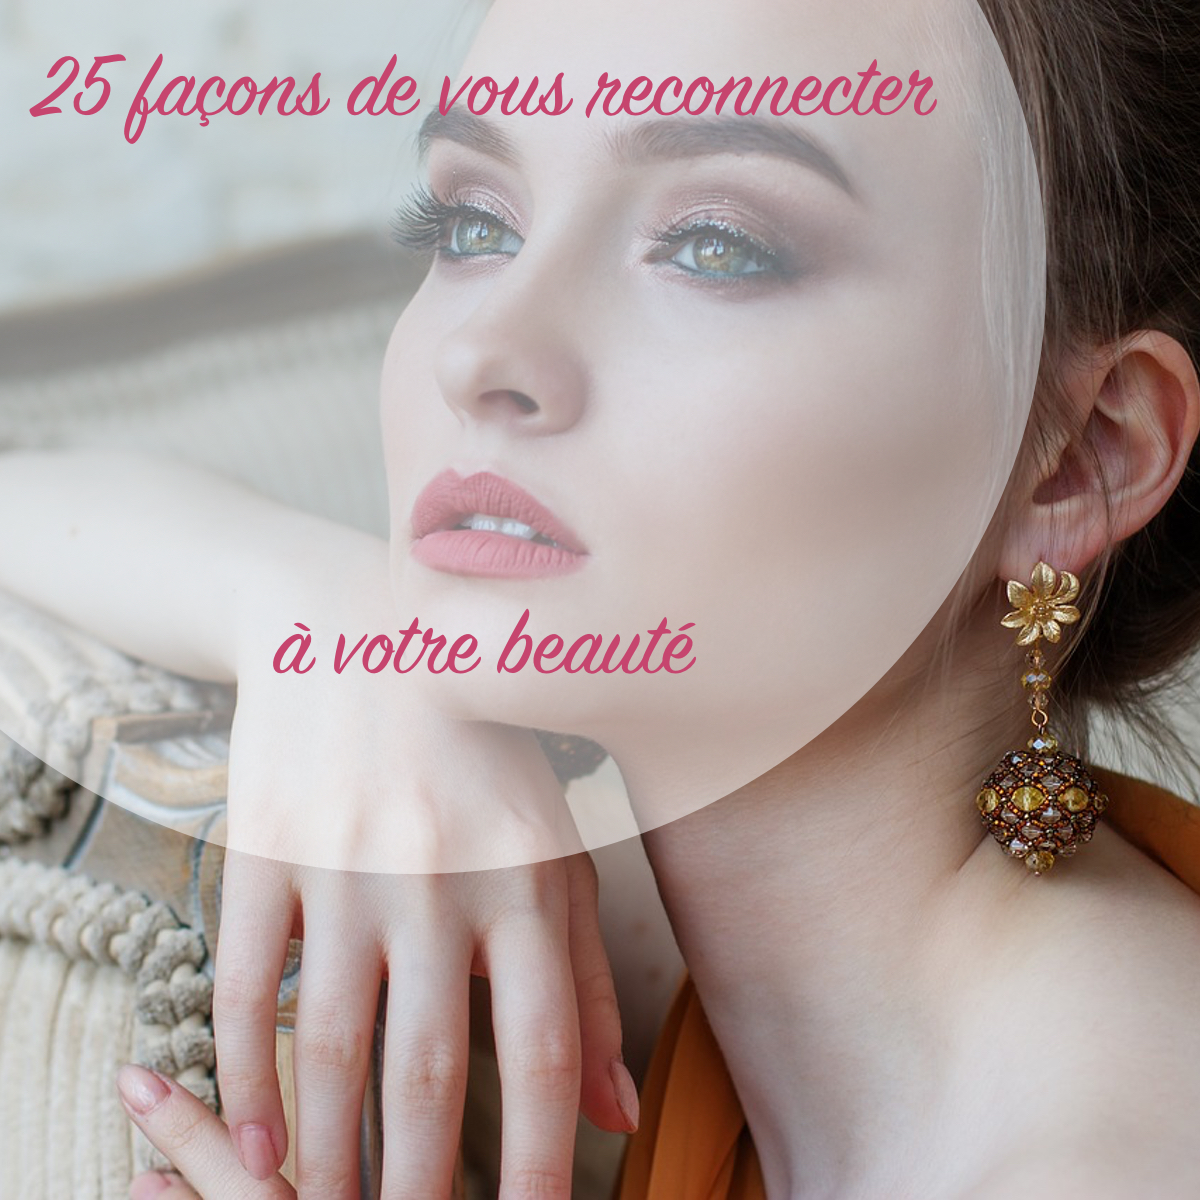 25-façons-de-vous-reconnecter-a-votre-beauté